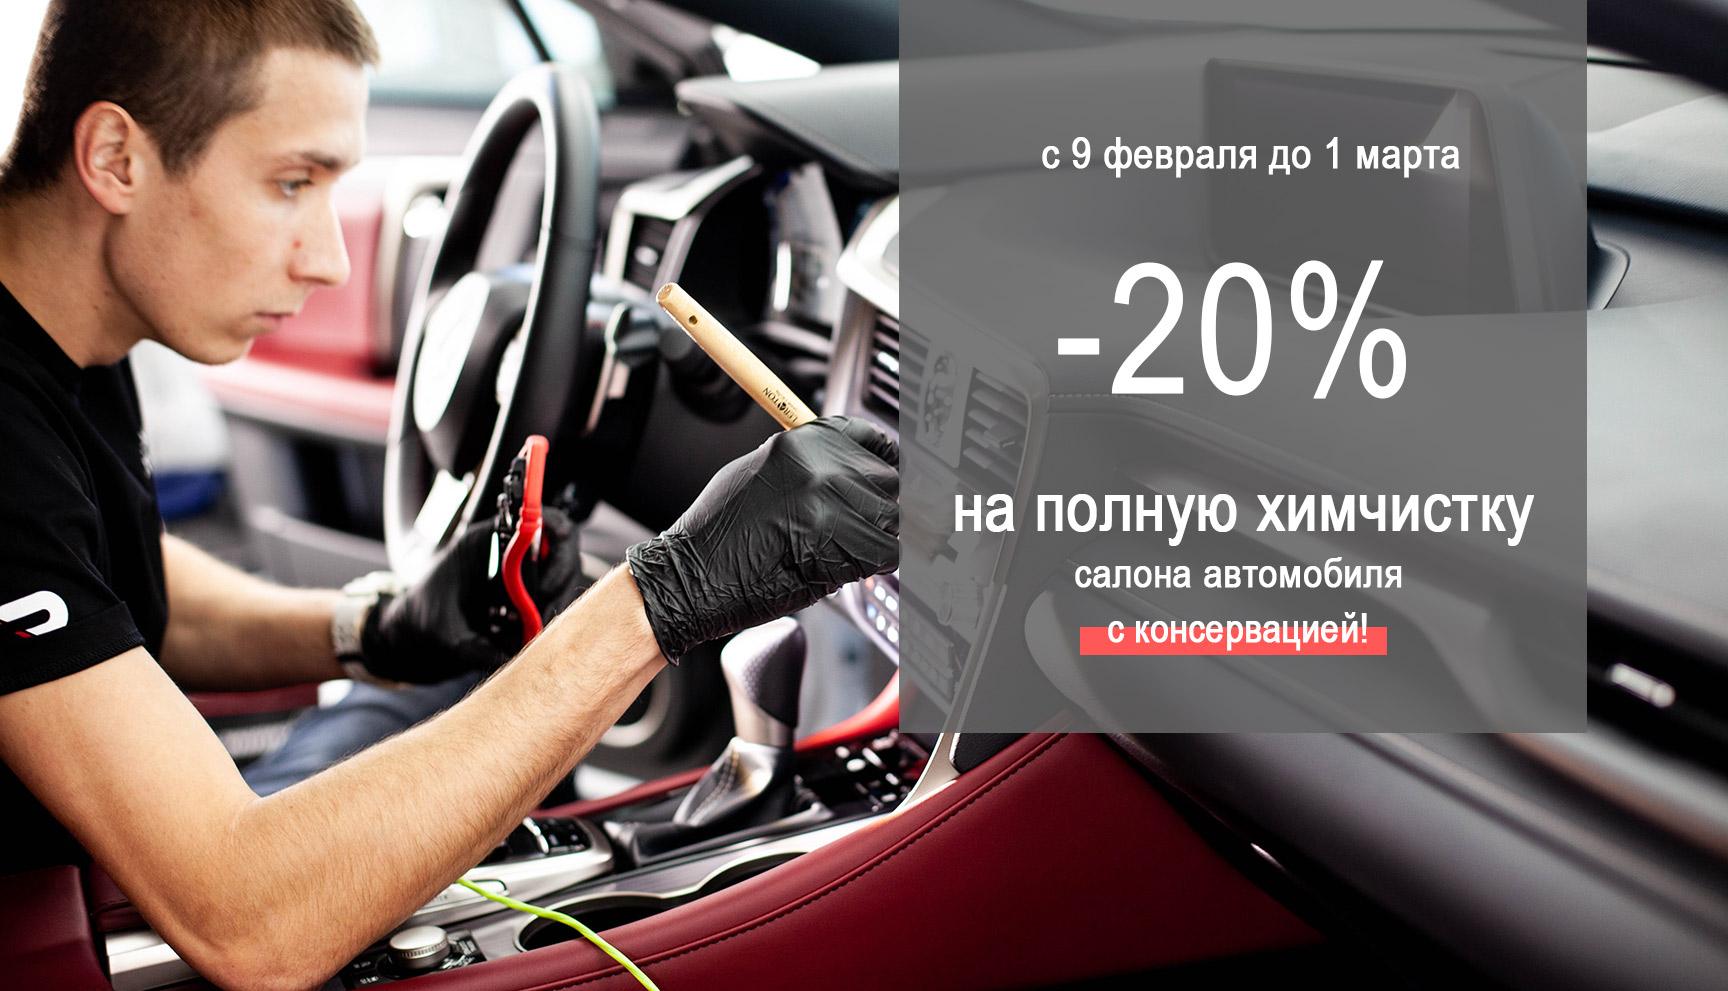 Баннер с текстом -20% на полную химчистку салона автомобиля с консервацией!